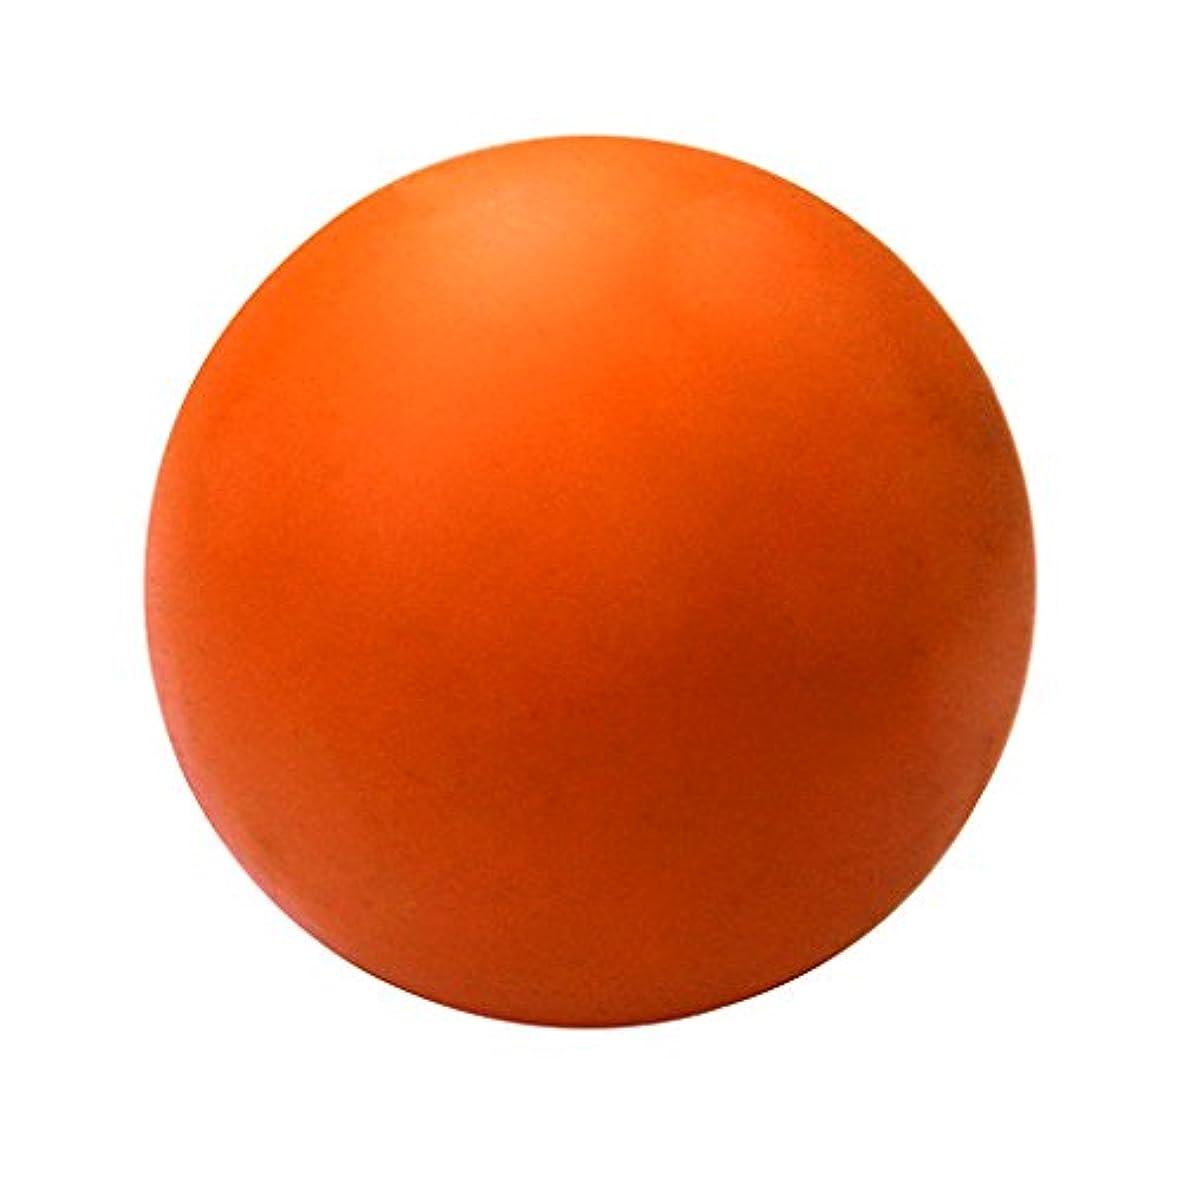 ハンカチ期限飢えたCUTICATE ラクロスマッサージボール ボディマッサージボール オレンジ 約 2.36インチ